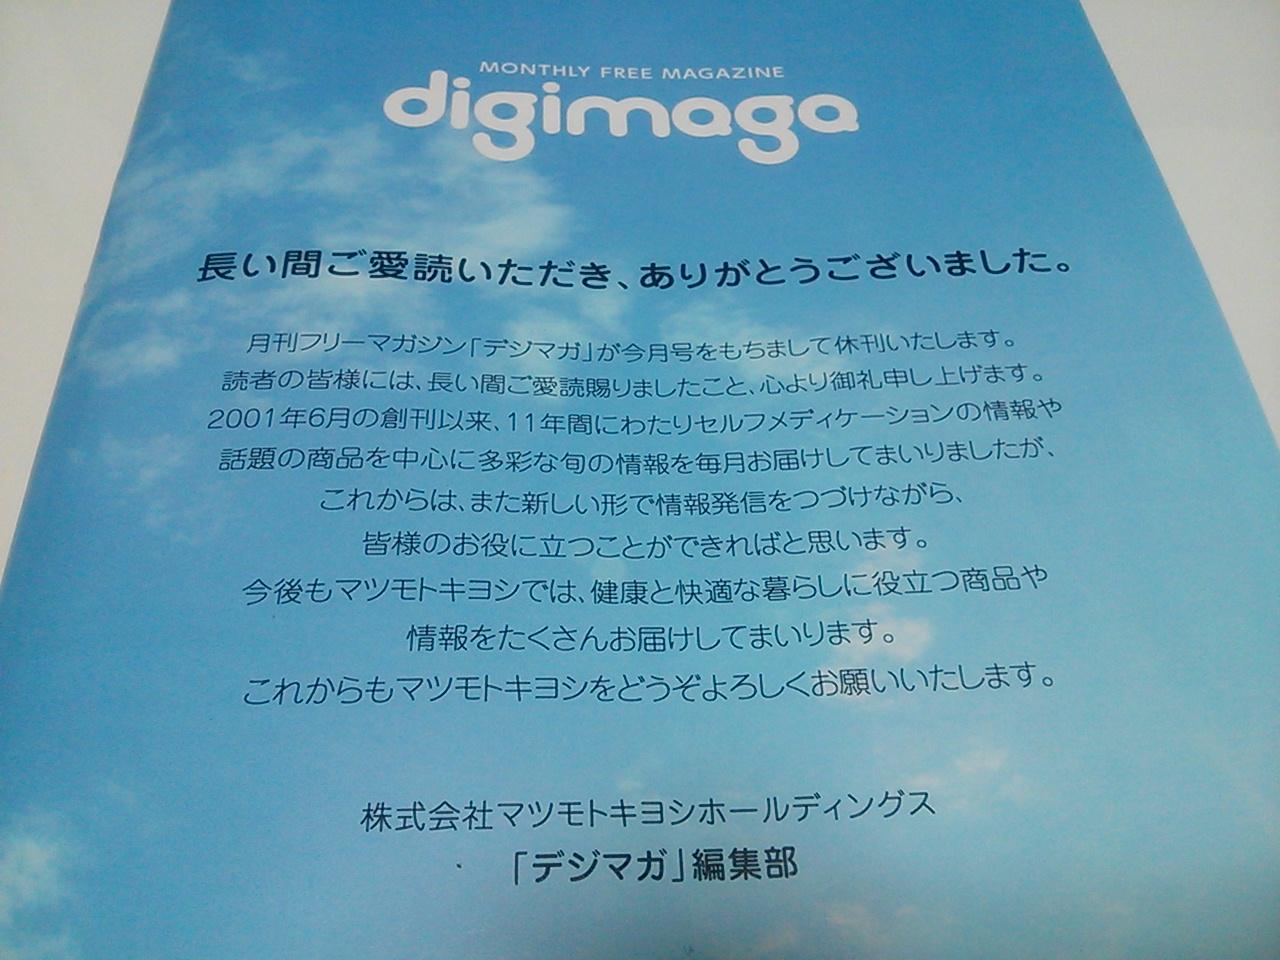 2012-07-24 21.29.52.jpg